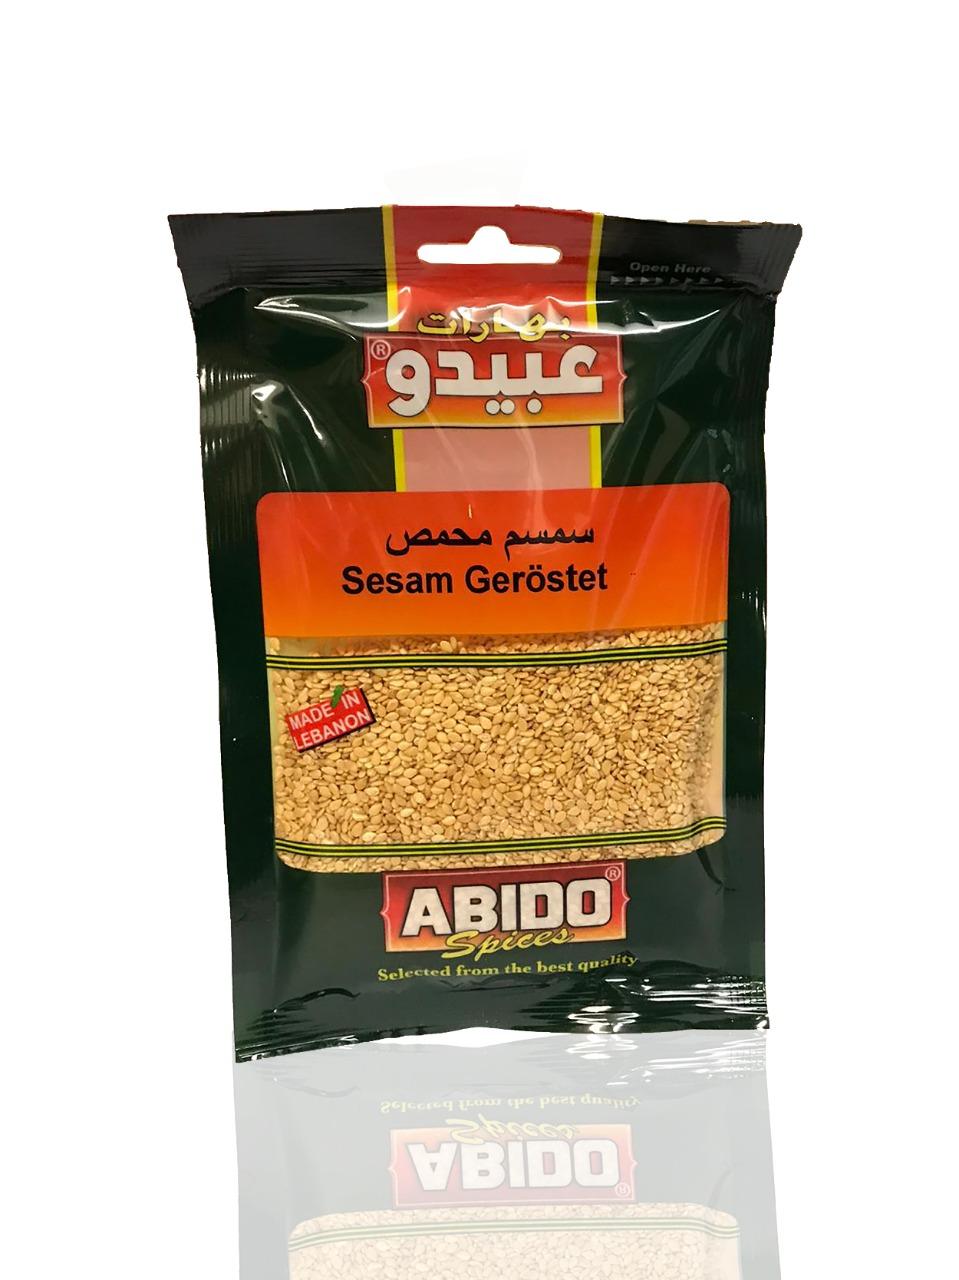 Abido Sesam geröstet 50g  سمسم محمص عبيدو